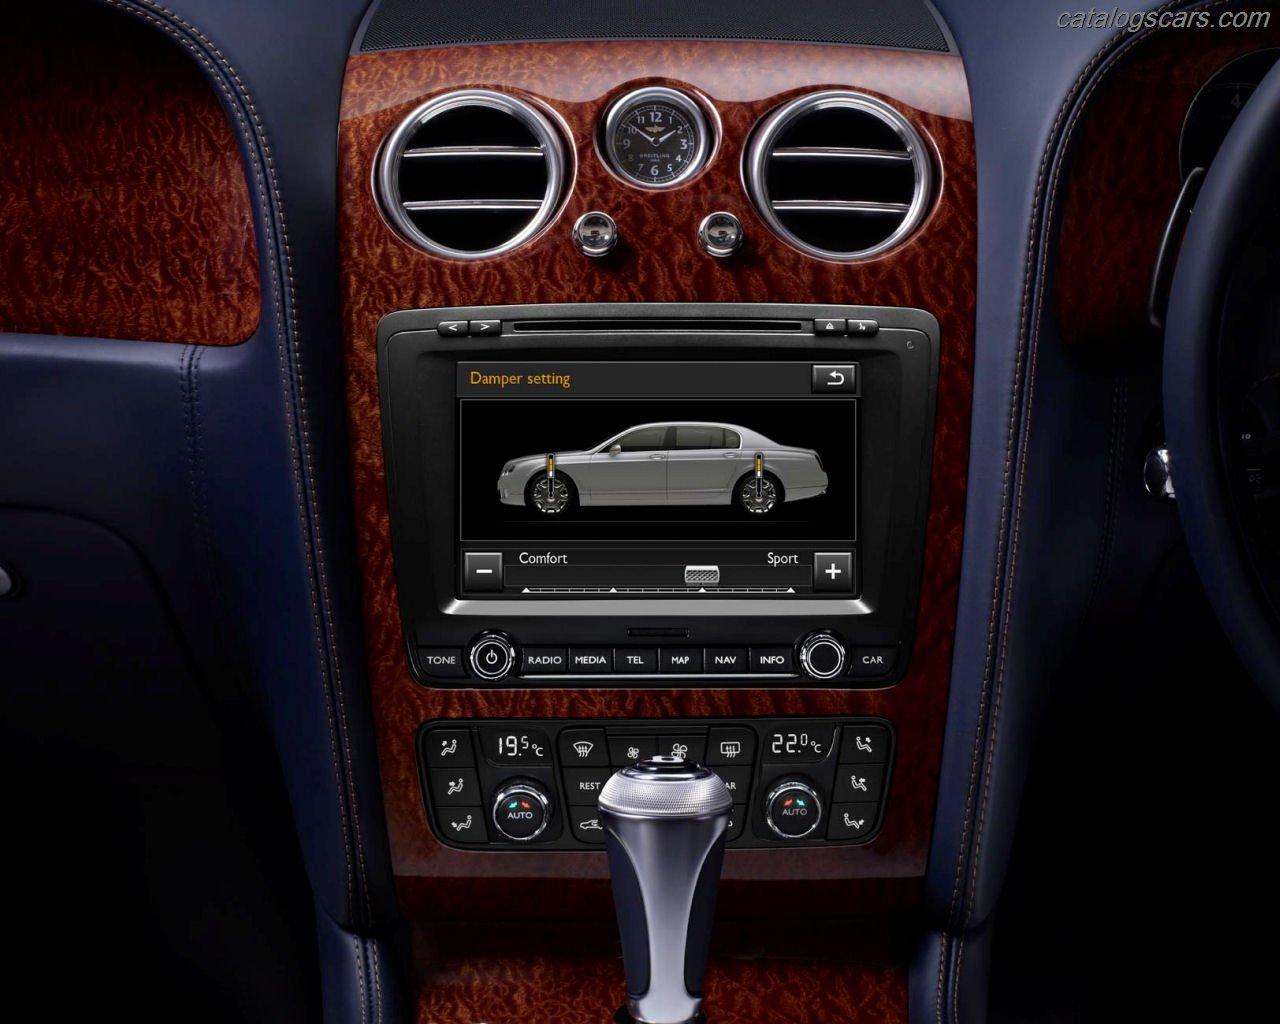 صور سيارة بنتلى كونتيننتال سيريس 51 2012 - اجمل خلفيات صور عربية بنتلى كونتيننتال سيريس 51 2012 - Bentley Continental Series 51 Photos Bentley-Continental-Series-51-2011-10.jpg